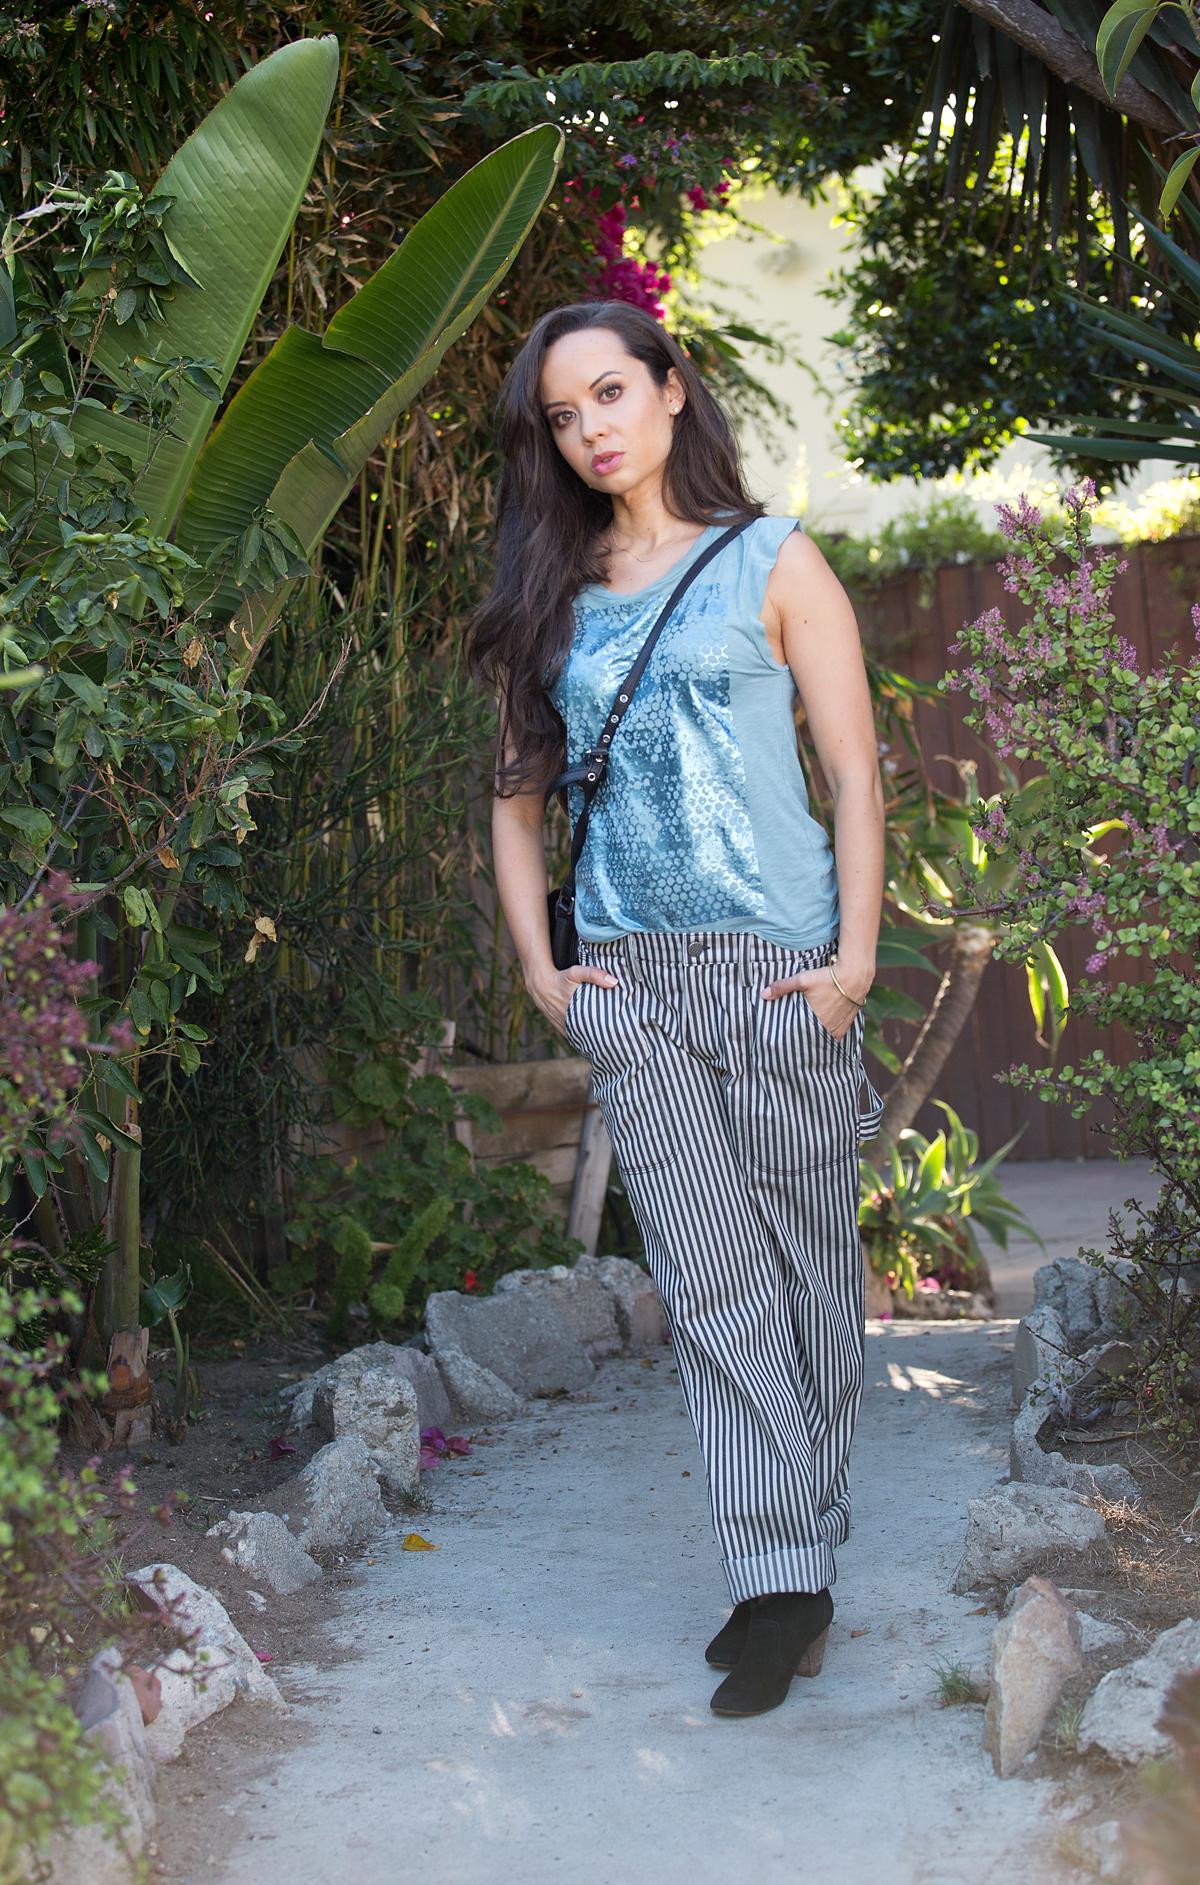 la model, los angeles, fashion blogs, phillip lim purse, kelly wearstler